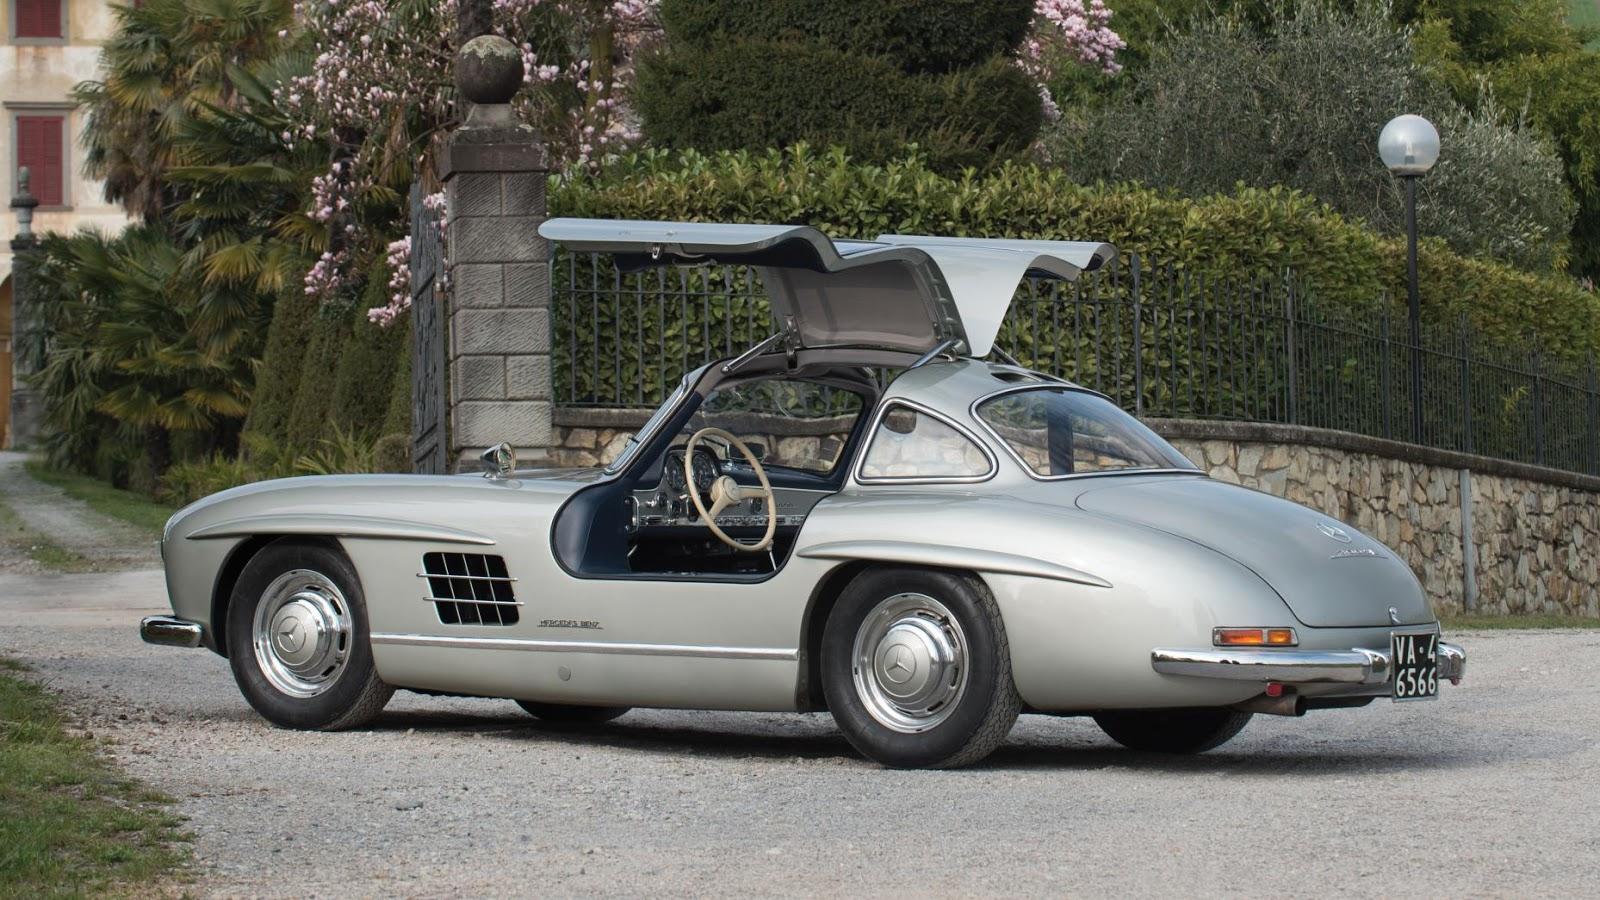 1955 Mercedes-Benz 300 SL Gullwing - £ 971k